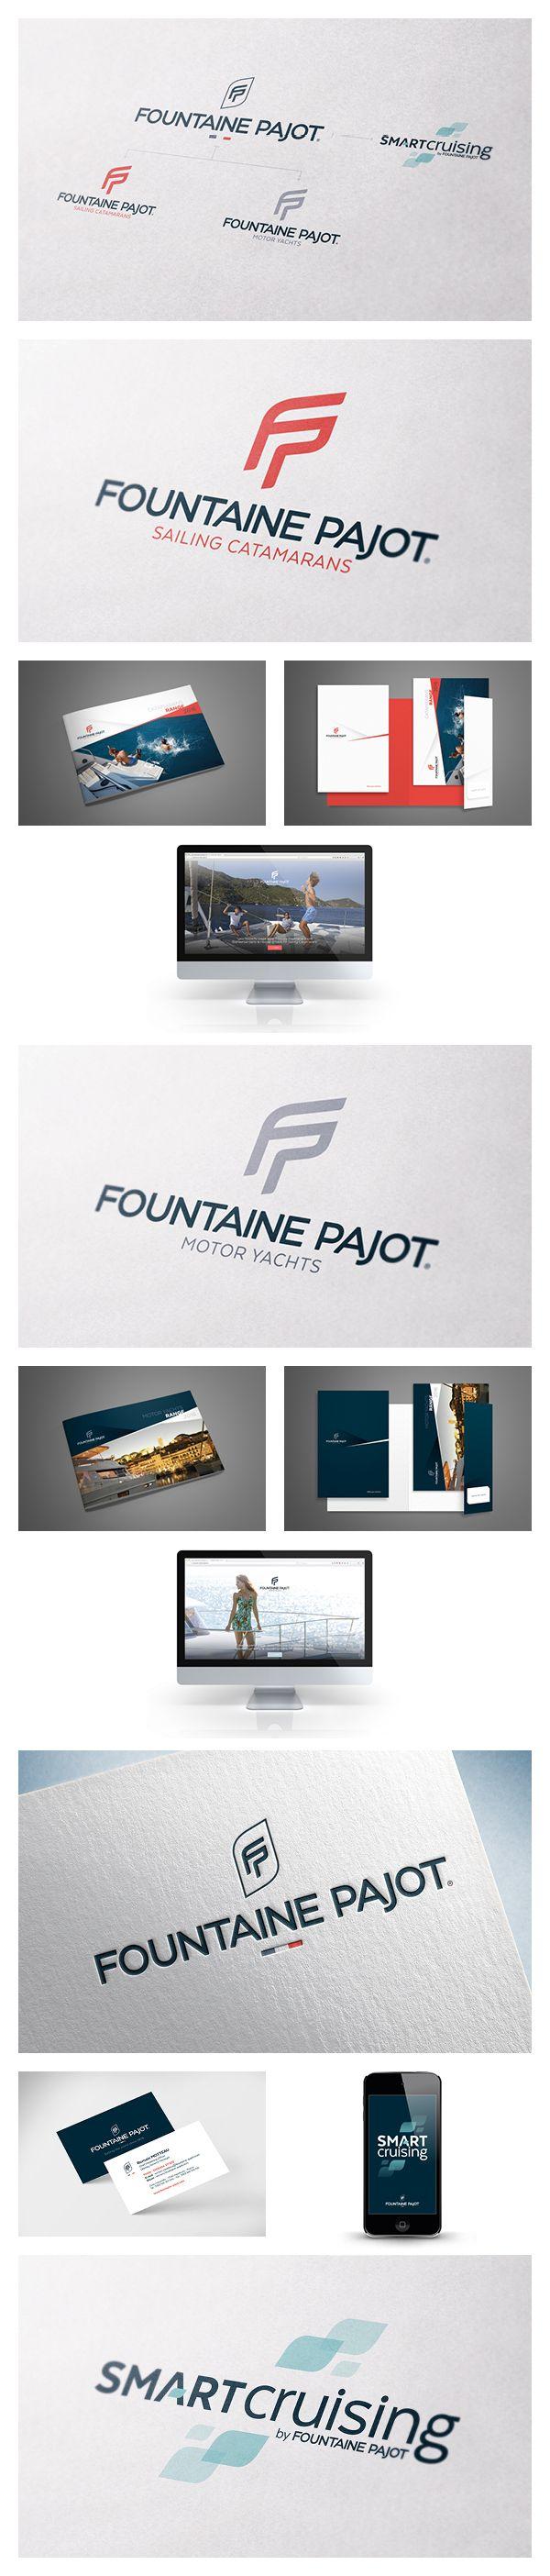 MOSWO | le privé | Fountain Pajot | identité | logotype | signature | identité visuelle | nautisme | catamaran | Motor Yachts | Corporate